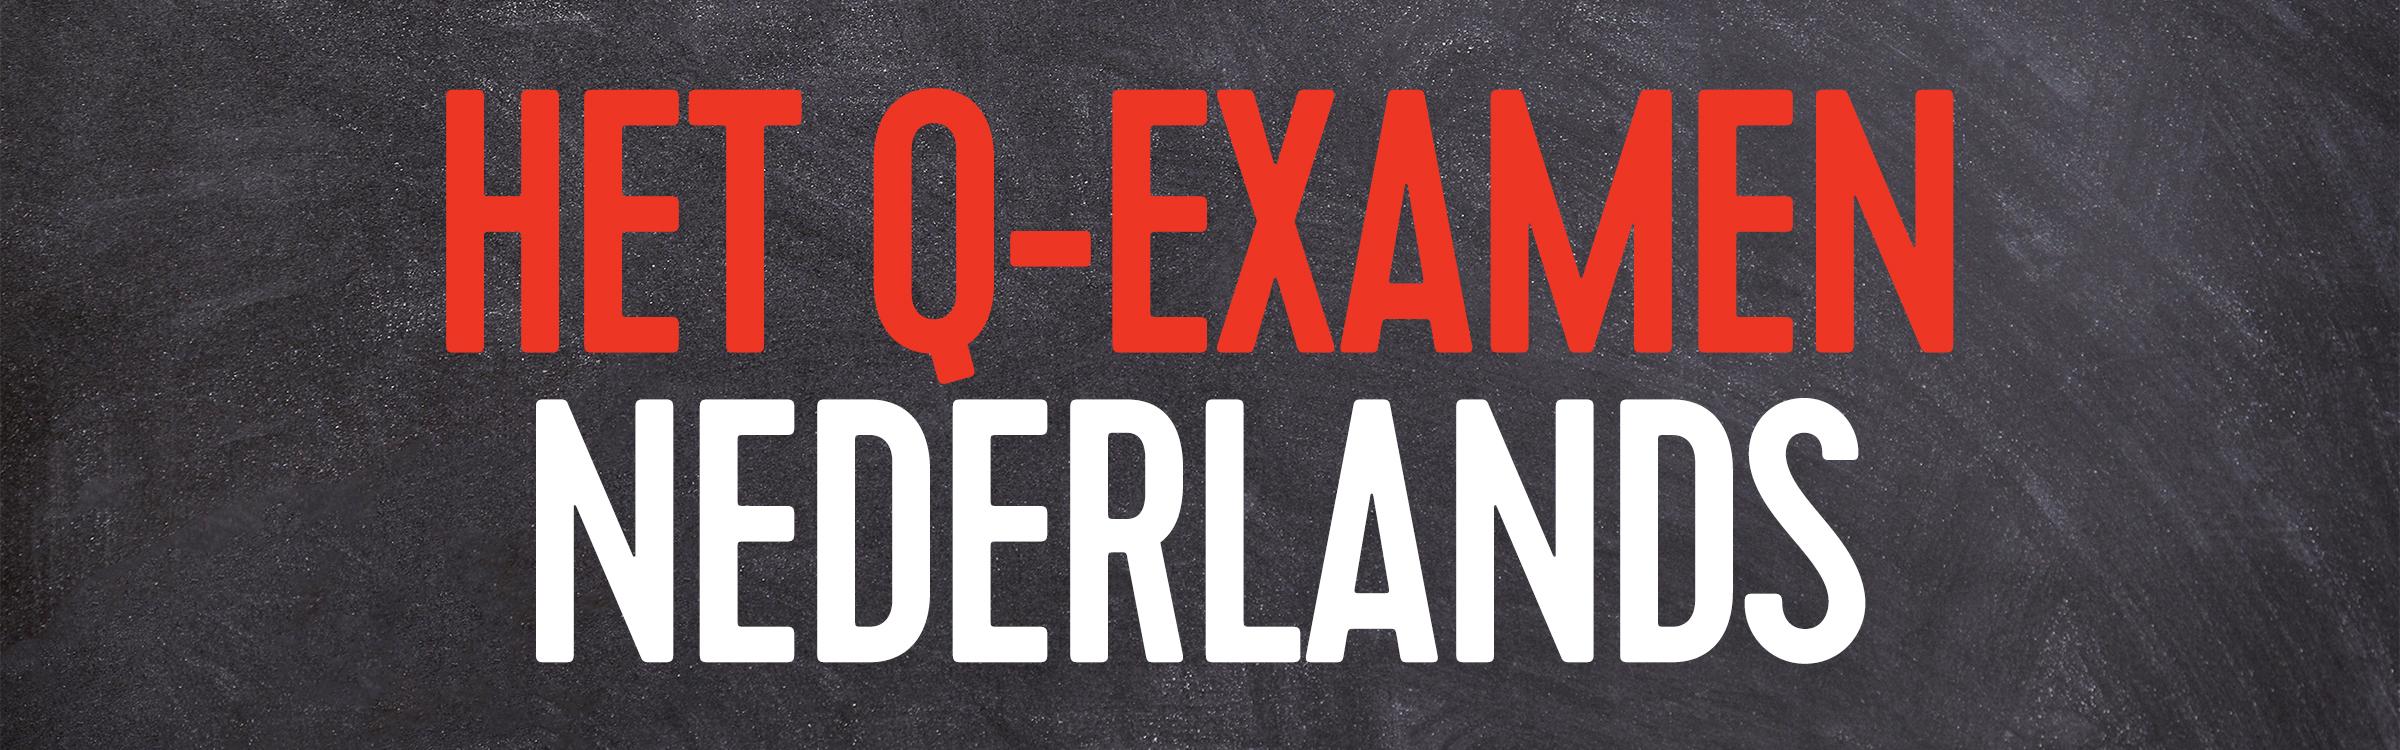 Q examen nederlands header